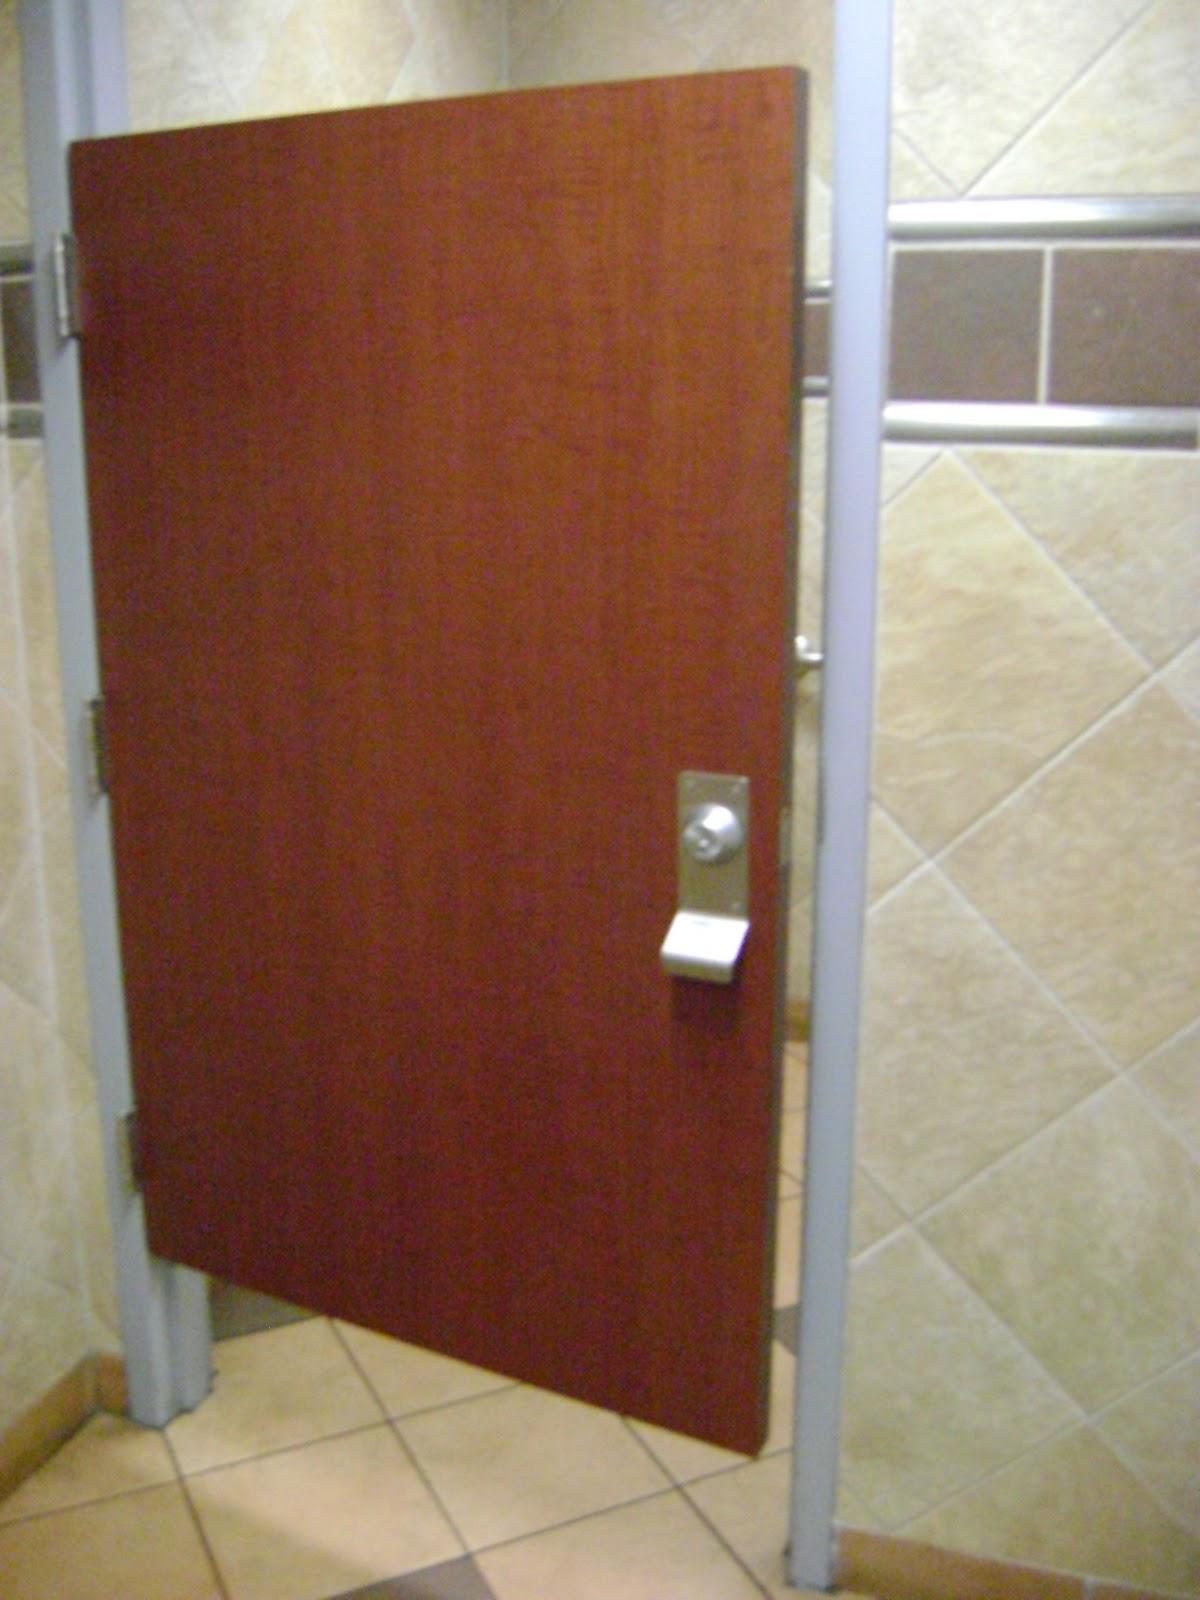 Toilet Stall Door